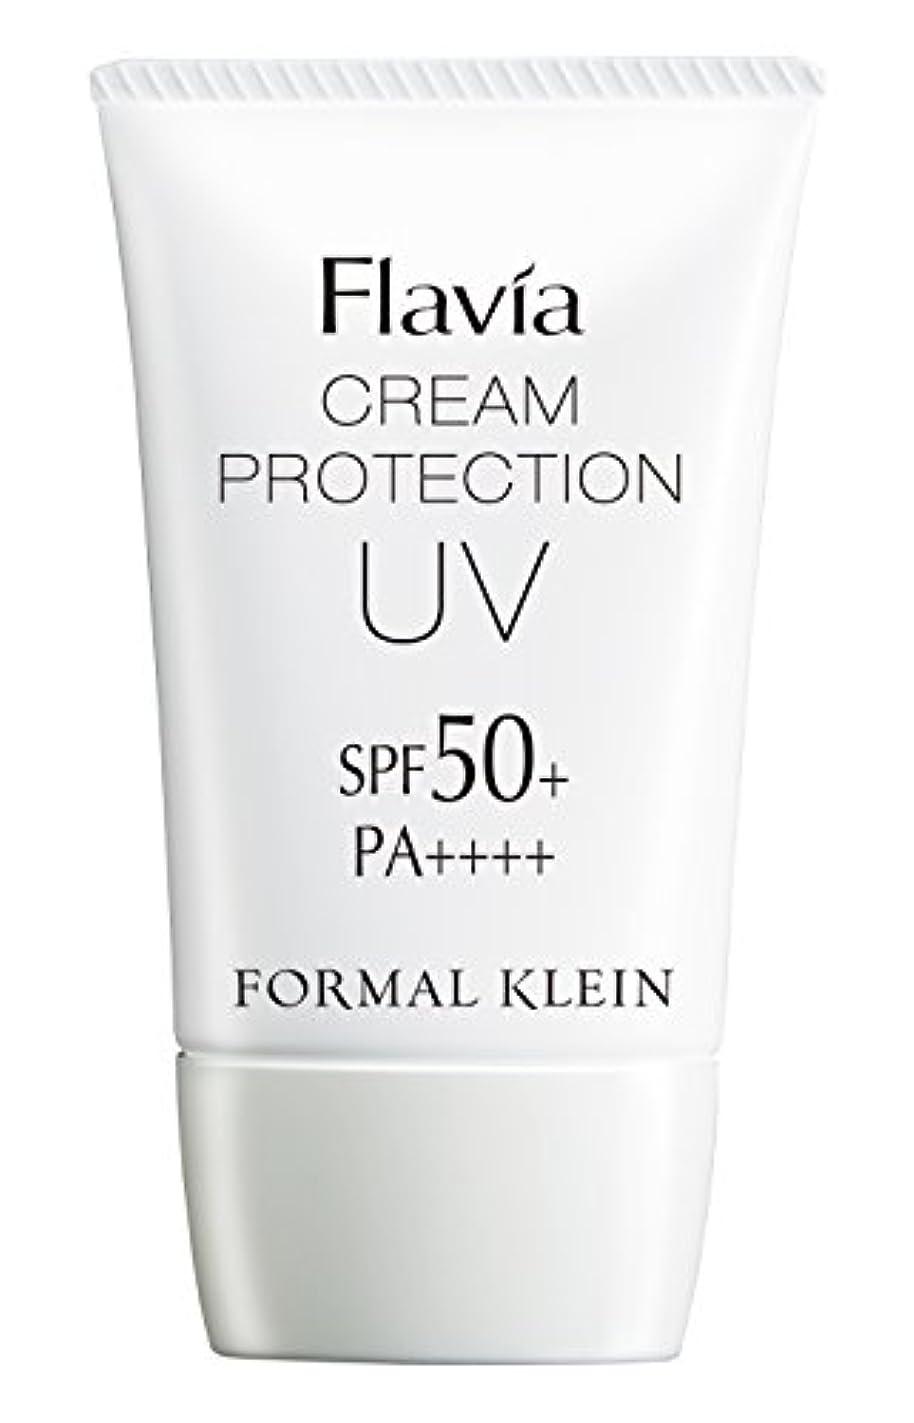 心配守る敵意フォーマルクライン フラビア クリームプロテクション (50g) UV SPF50+ PA++++